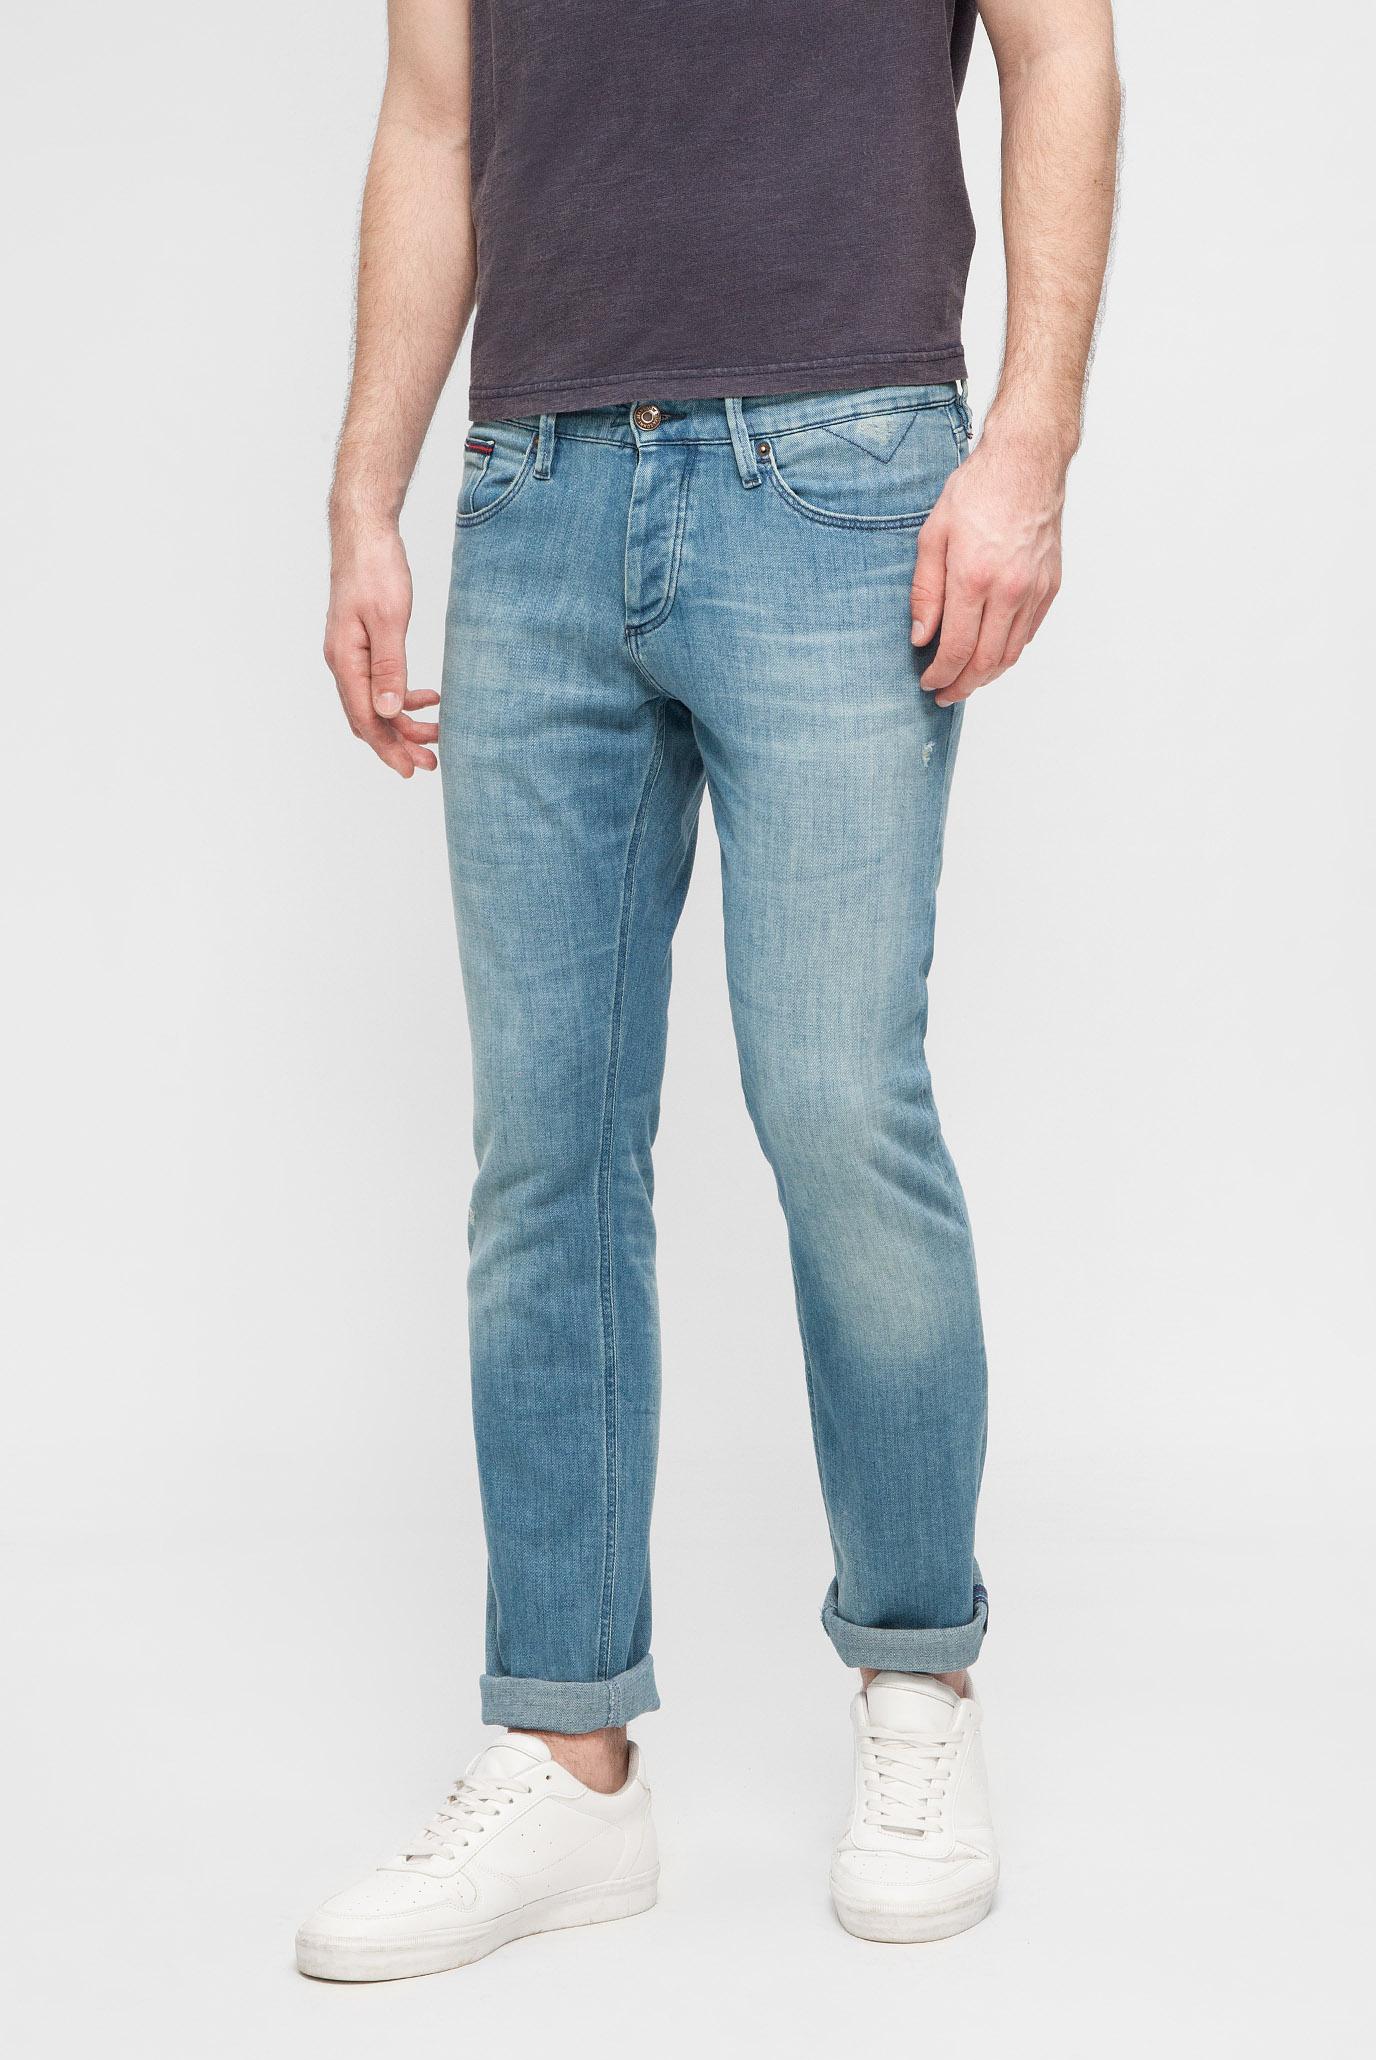 Купить Мужские голубые джинсы SLIM SCANTON DELBLCO Tommy Hilfiger Tommy Hilfiger DM0DM03811 – Киев, Украина. Цены в интернет магазине MD Fashion